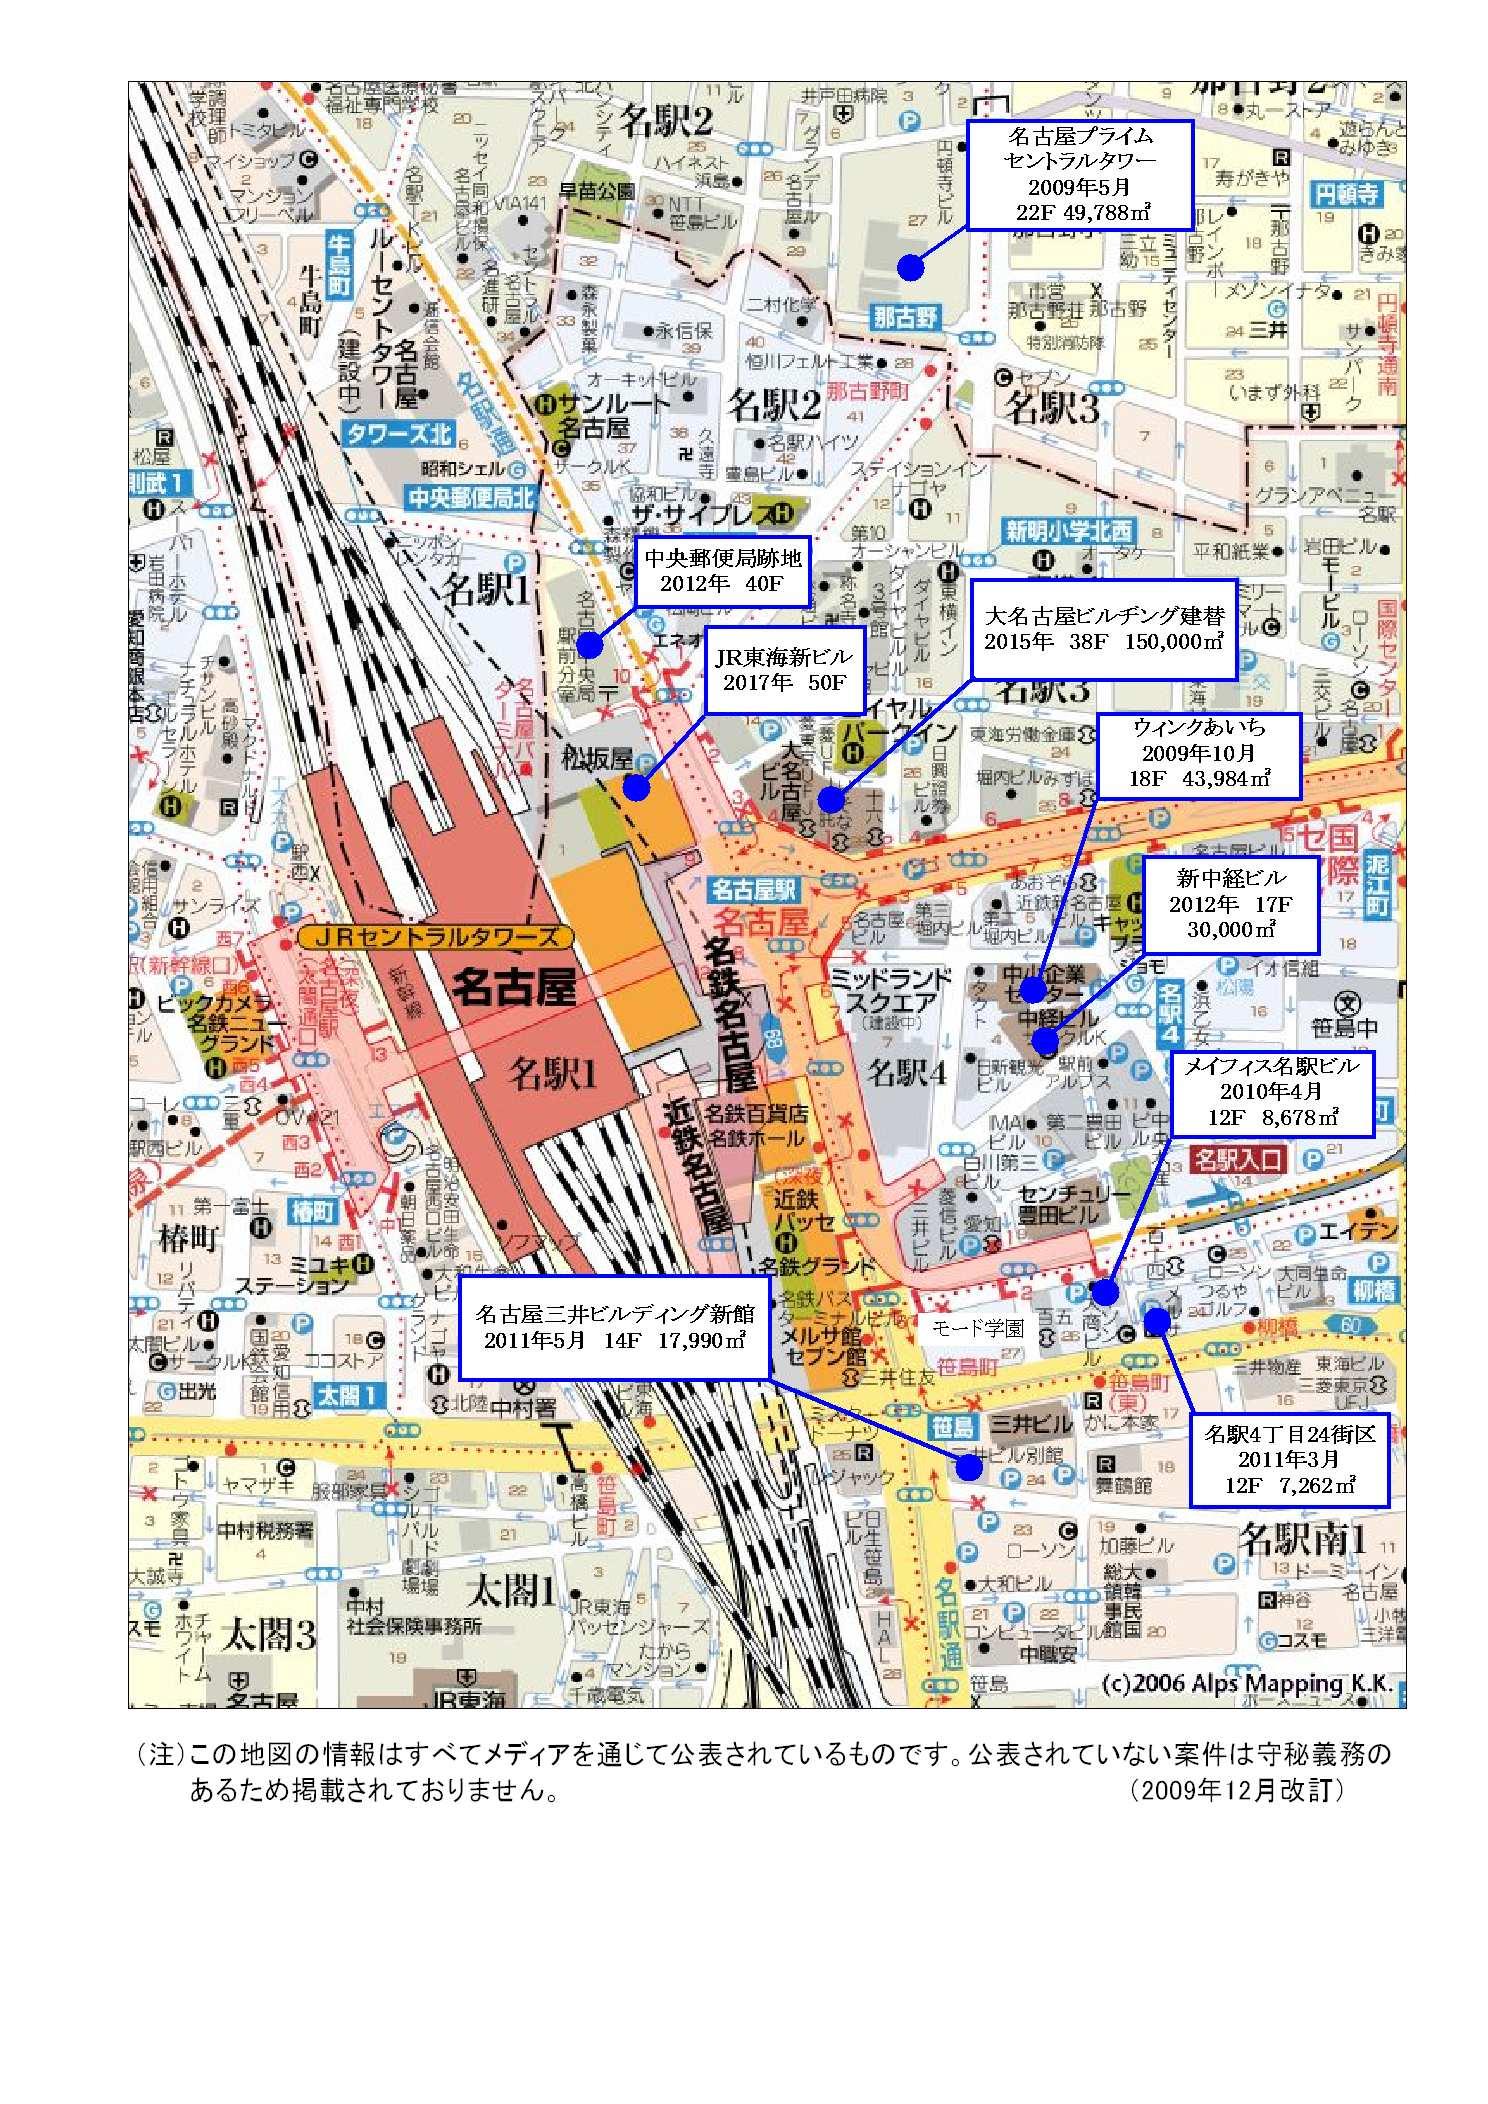 大名古屋ビルヂング建替え_f0016320_11213091.jpg